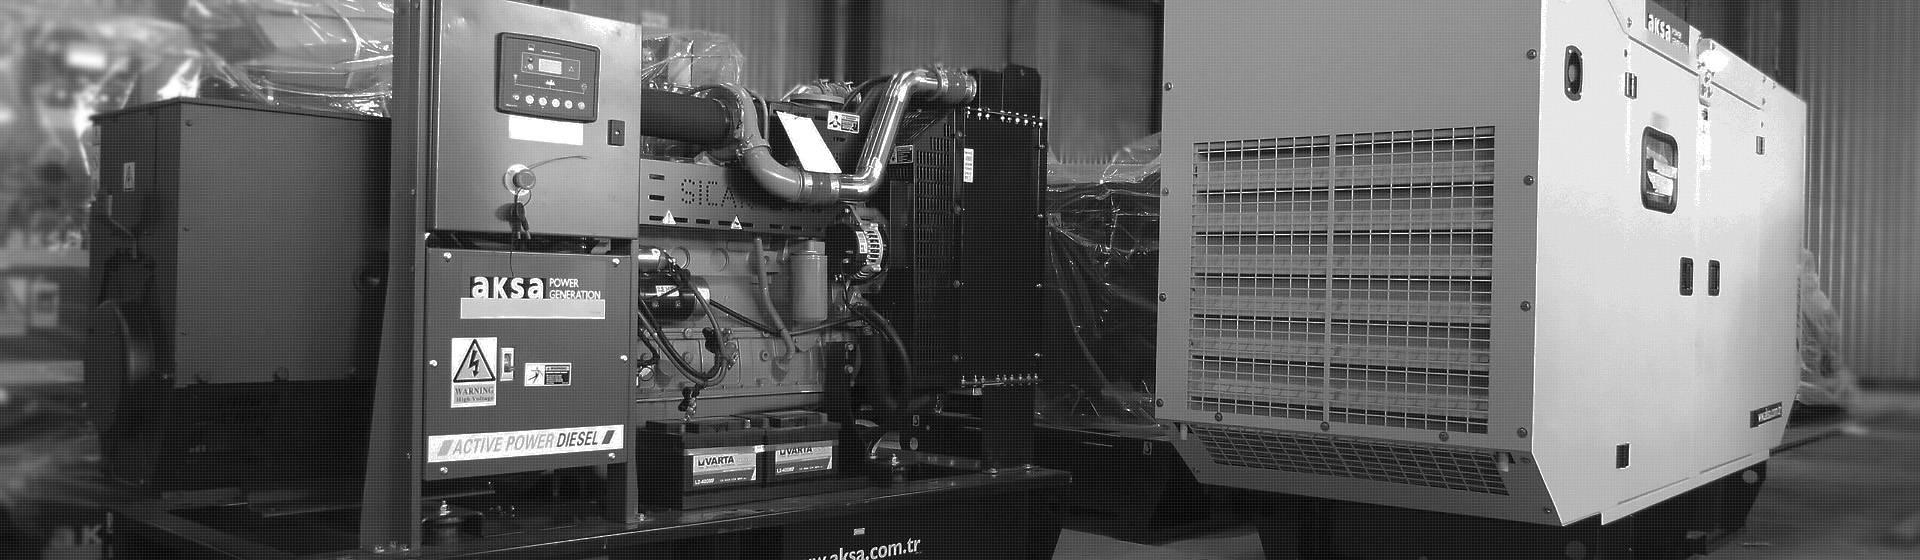 Выбираем генератор 10 квт с автозапуском: обзор моделей, рейтинг